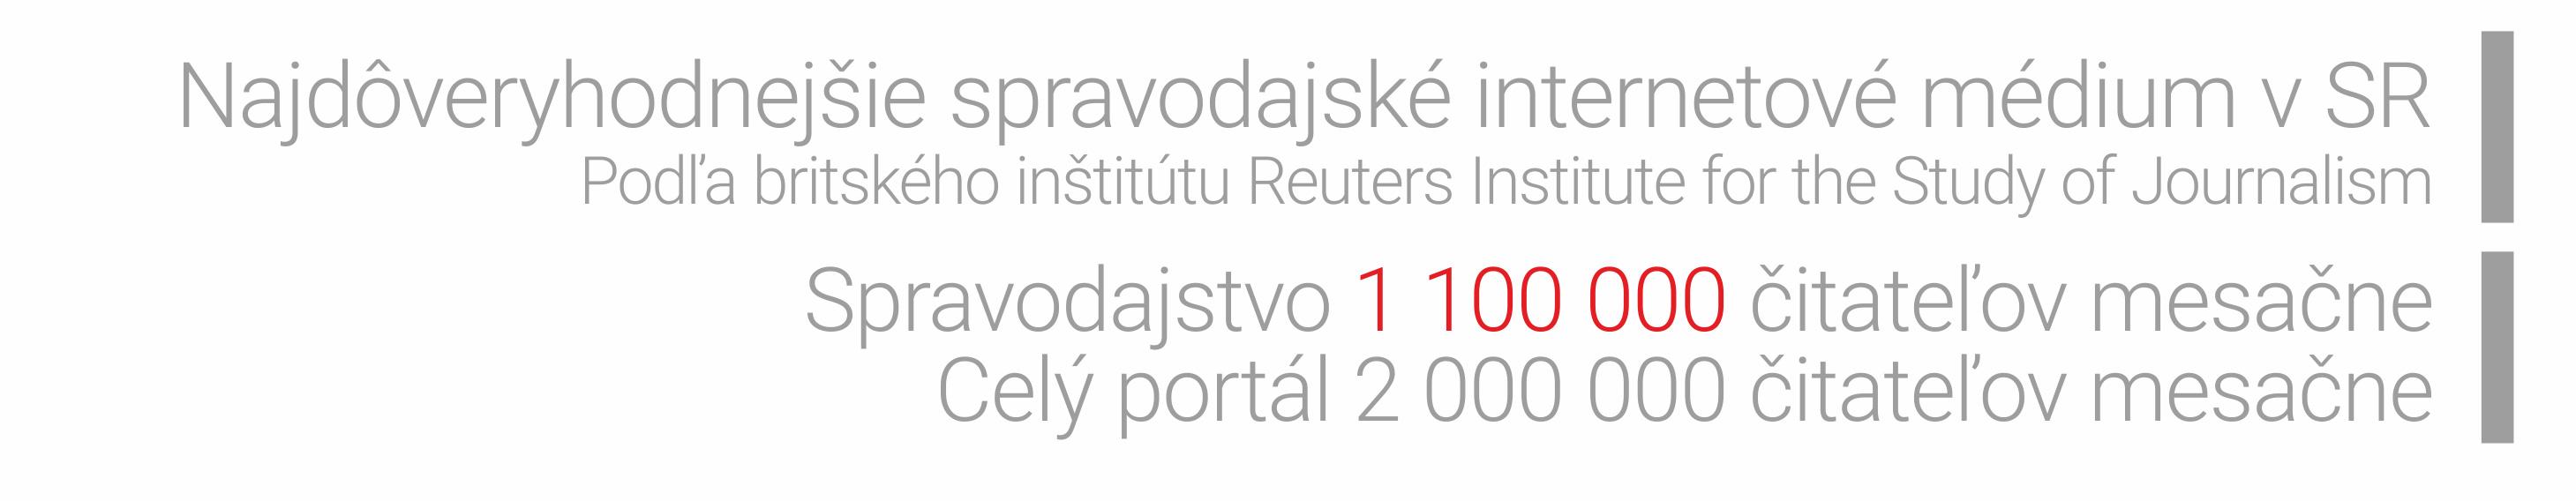 Slováci a Česi nad 55 rokov môžu požiadať o Kartu seniora. Získajú zľavy na  Slovensku aj v Českej republike - Hlavné správy 8942106d190